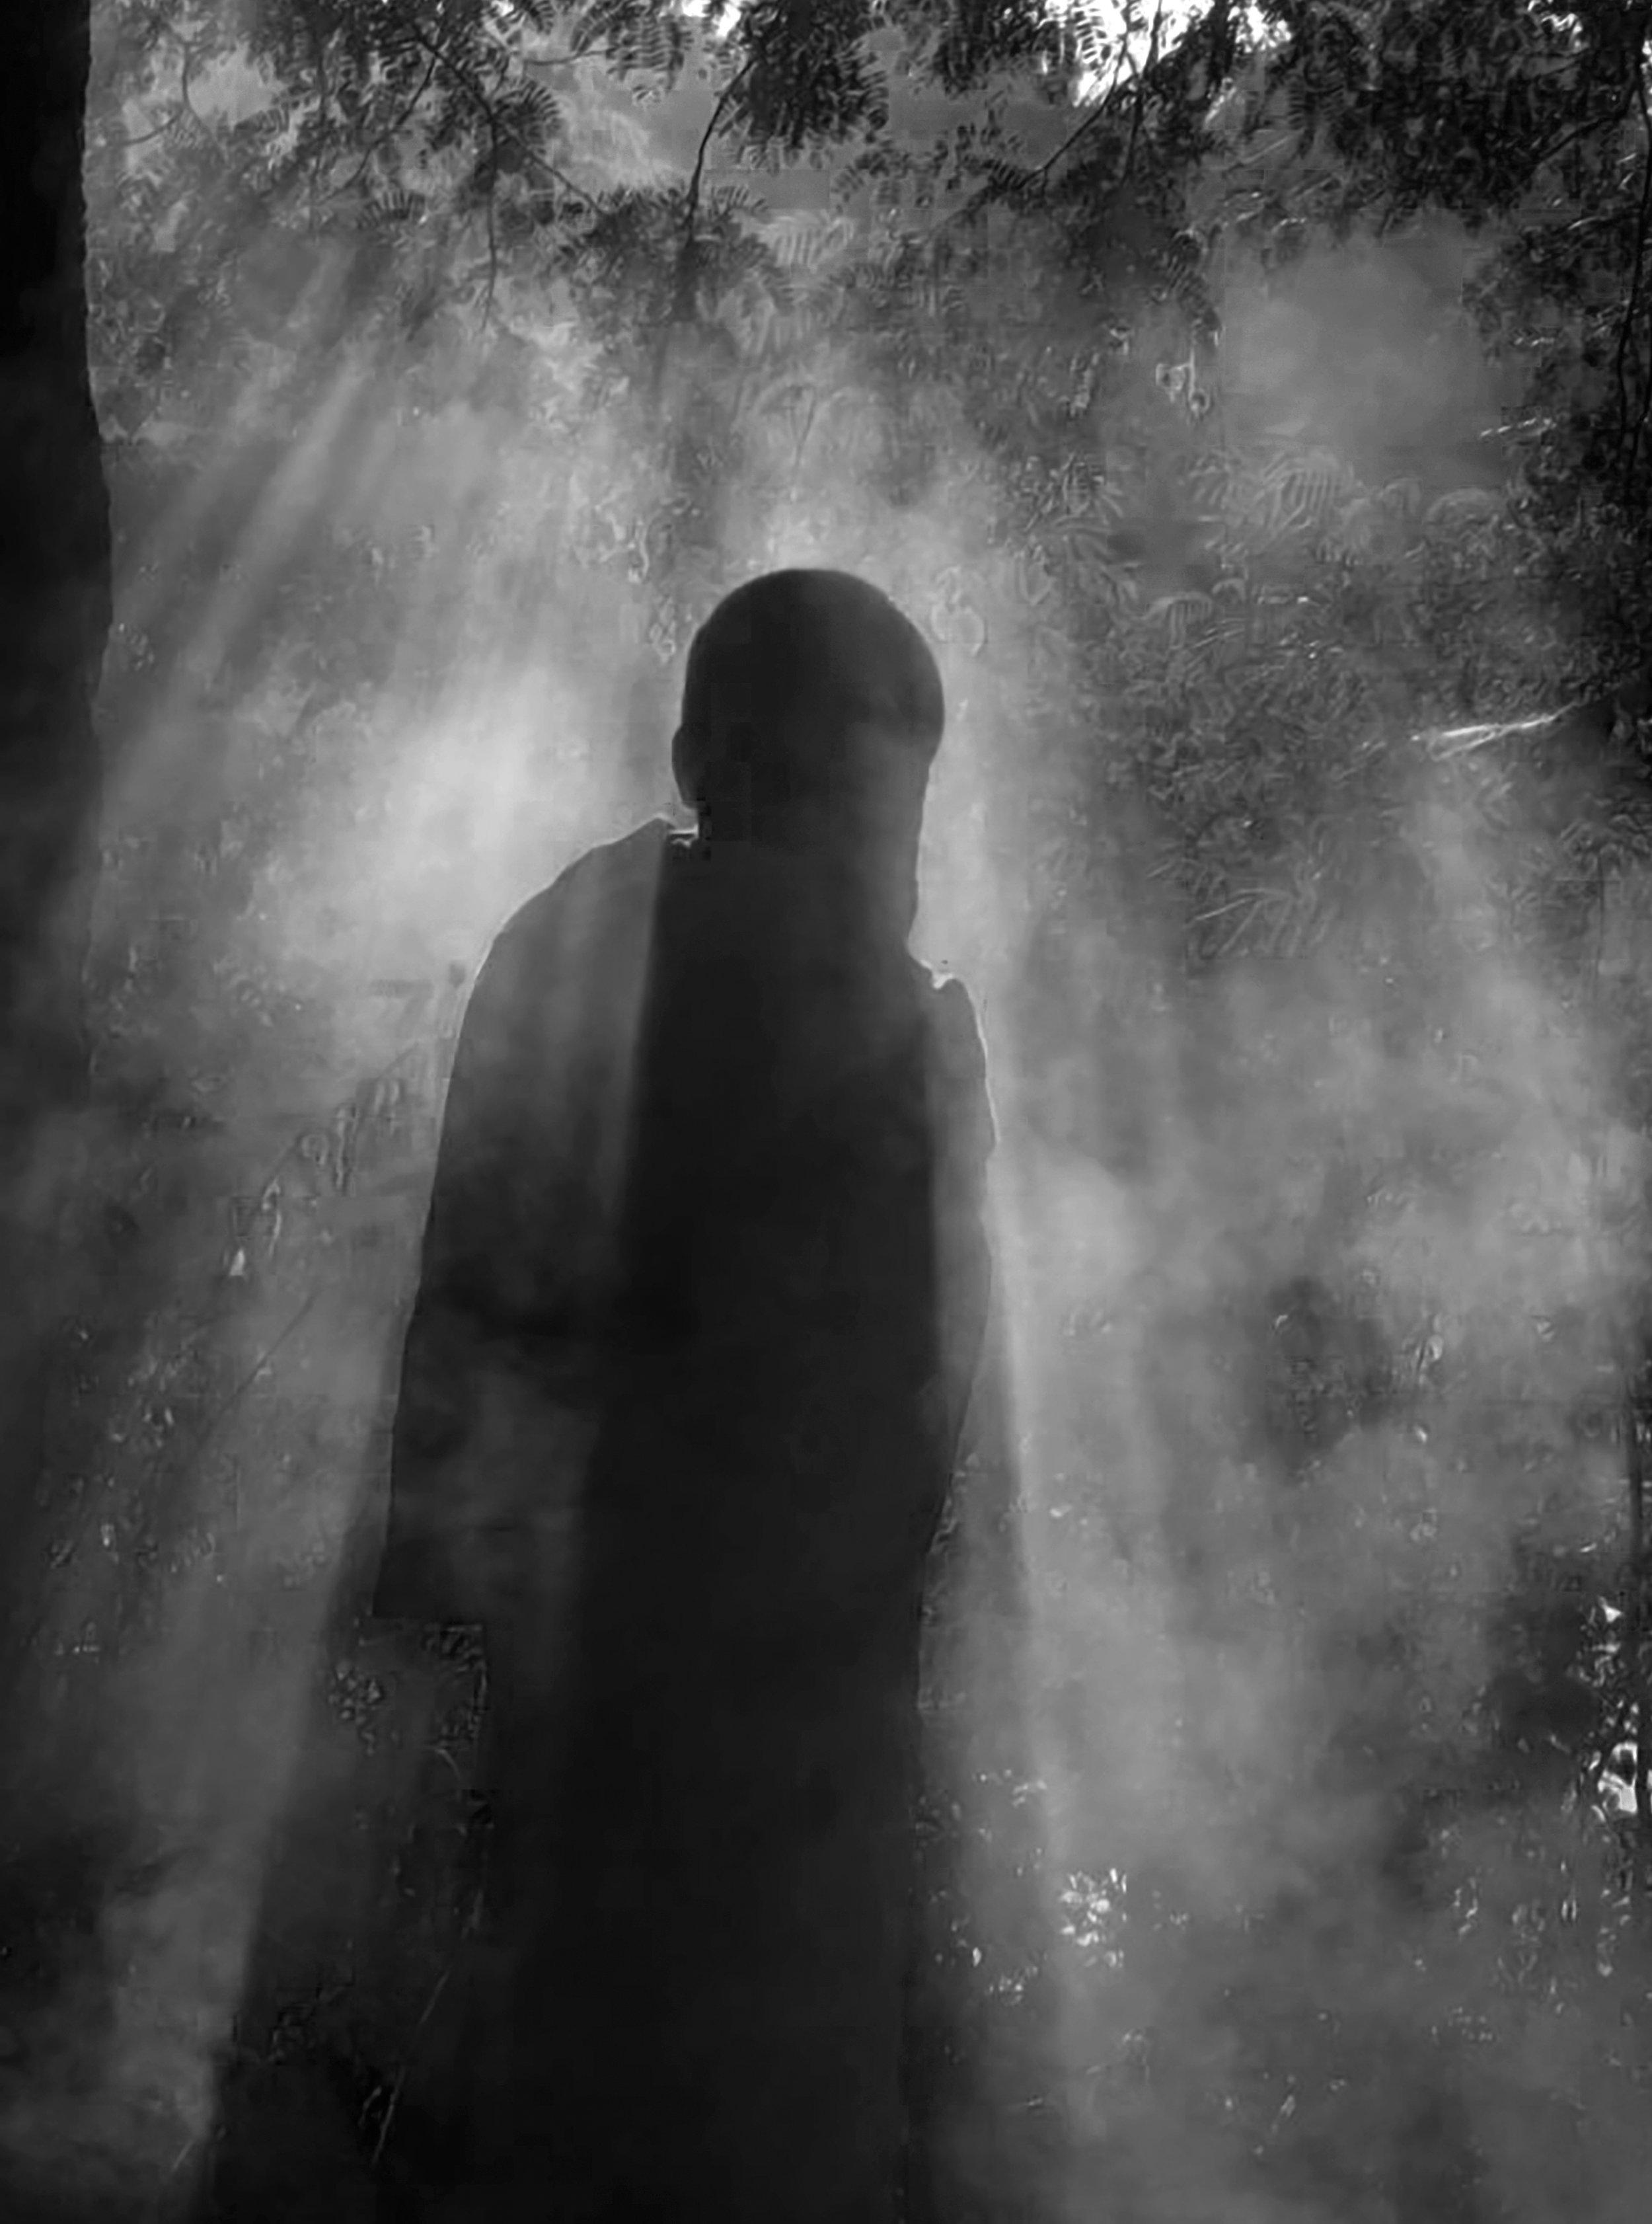 LIGHT-Alone-Light-MAI-LATTANAVONG-2016.jpg